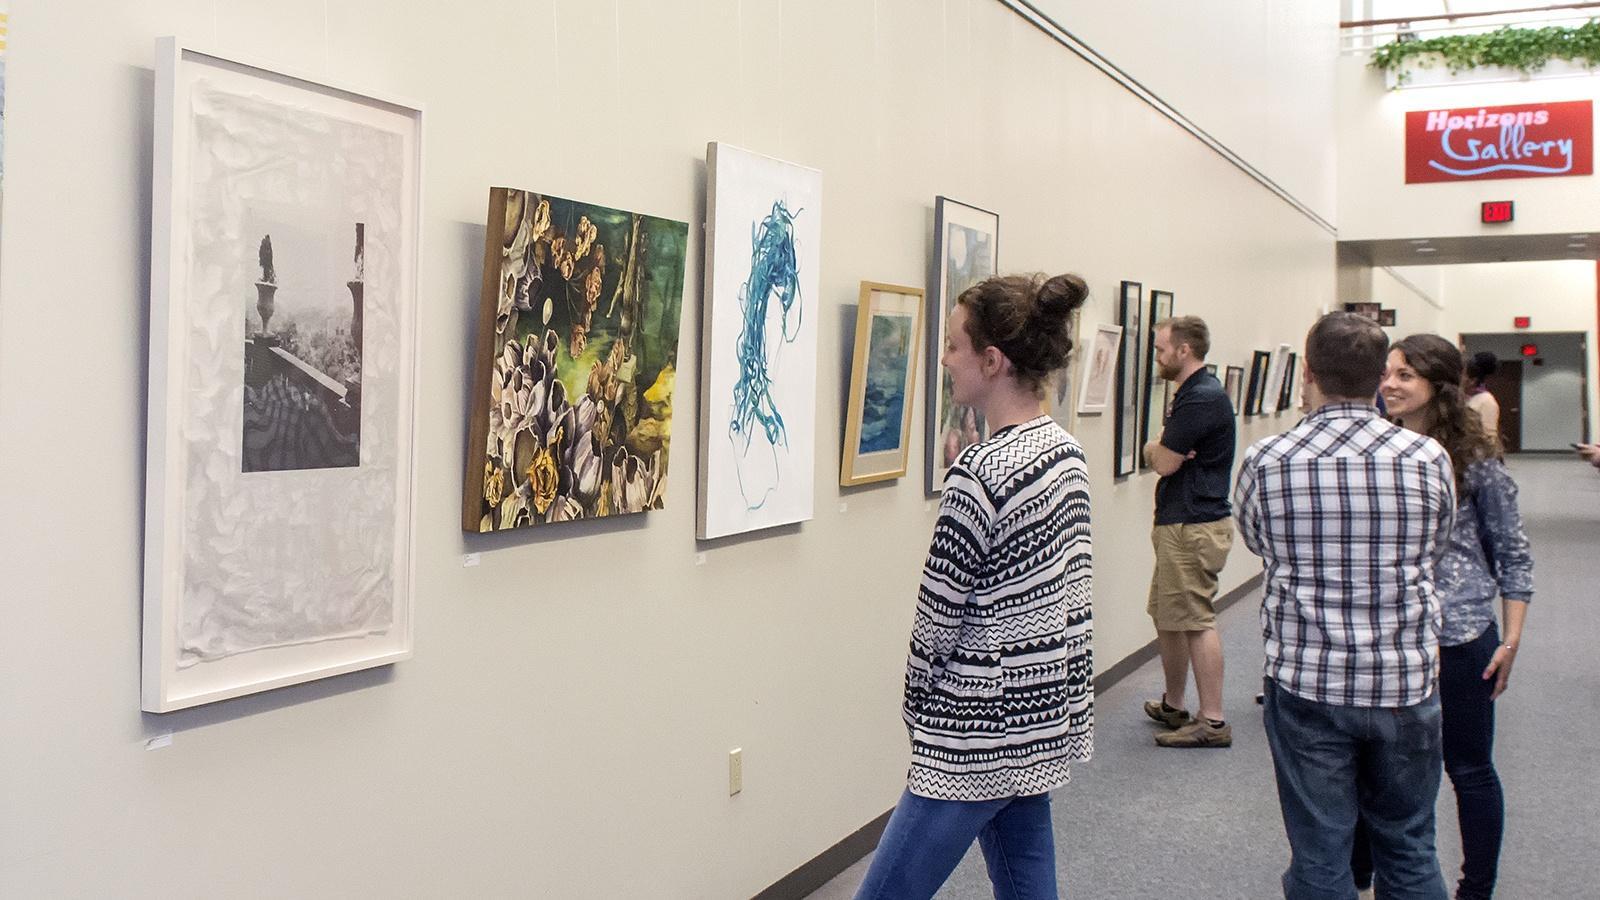 Horizons Gallery